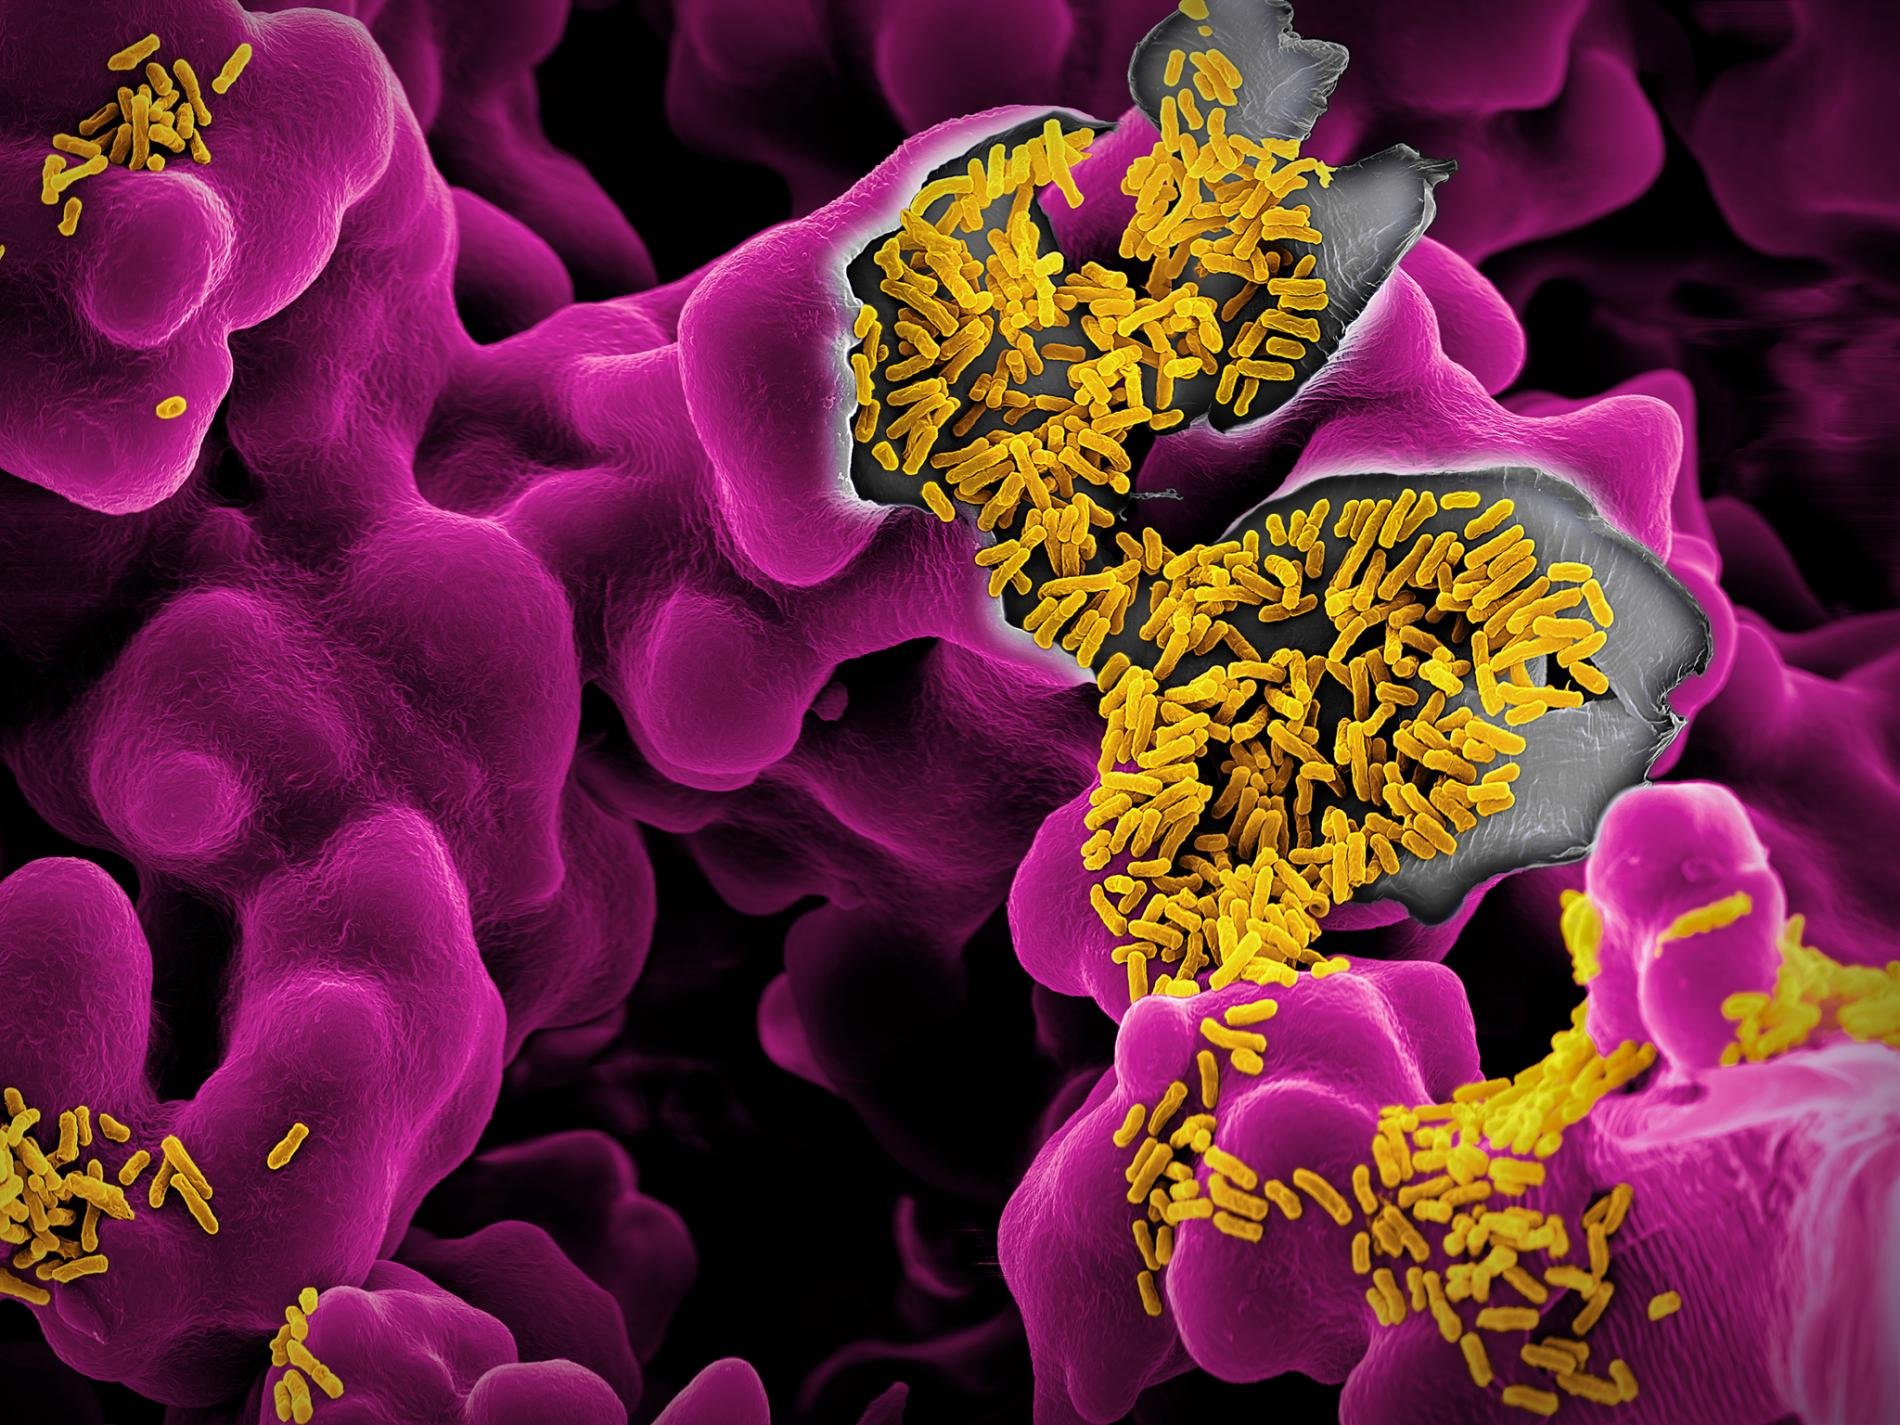 Les microbes sont-ils de nouveaux alliés dans la lutte contre le cancer ?